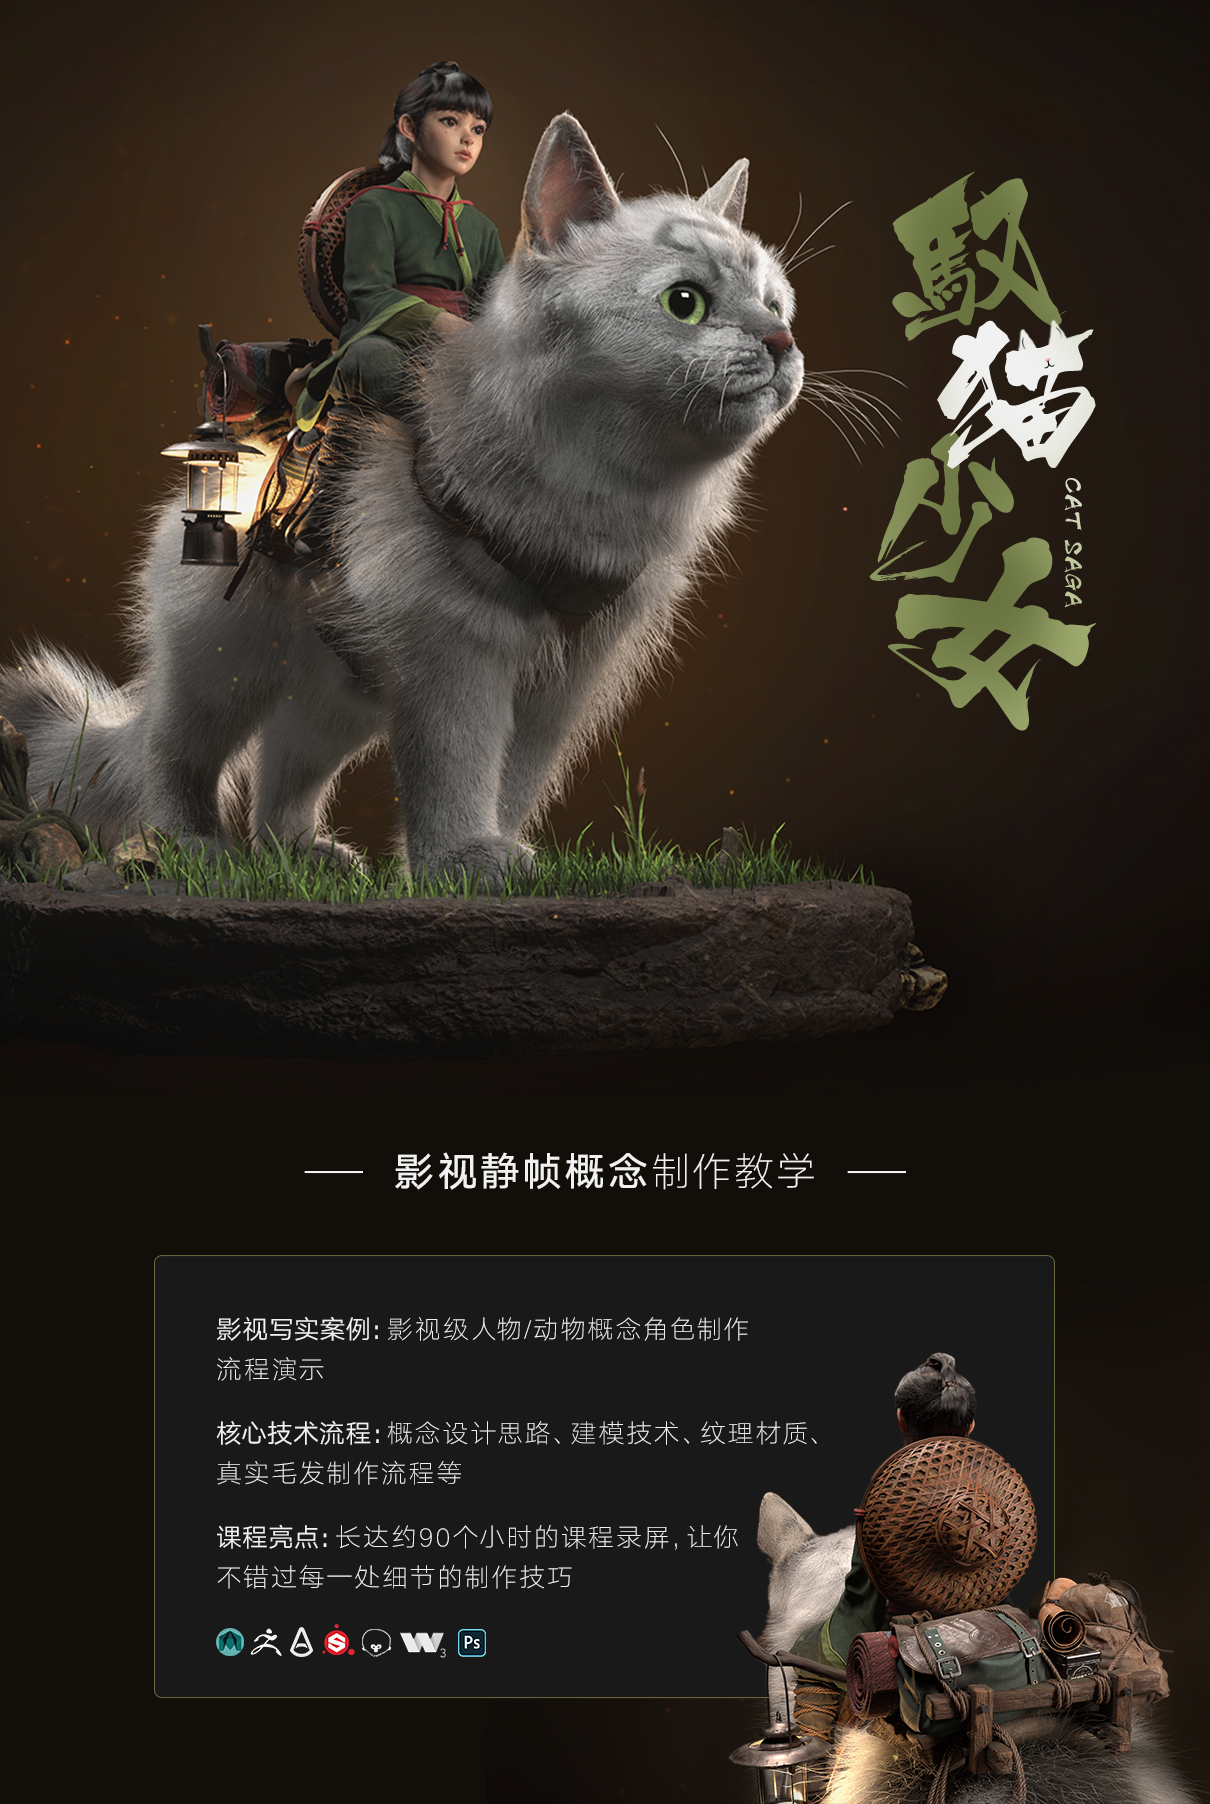 【正版】影视静帧概念《驭猫少女》流程制作教学【全网独家】